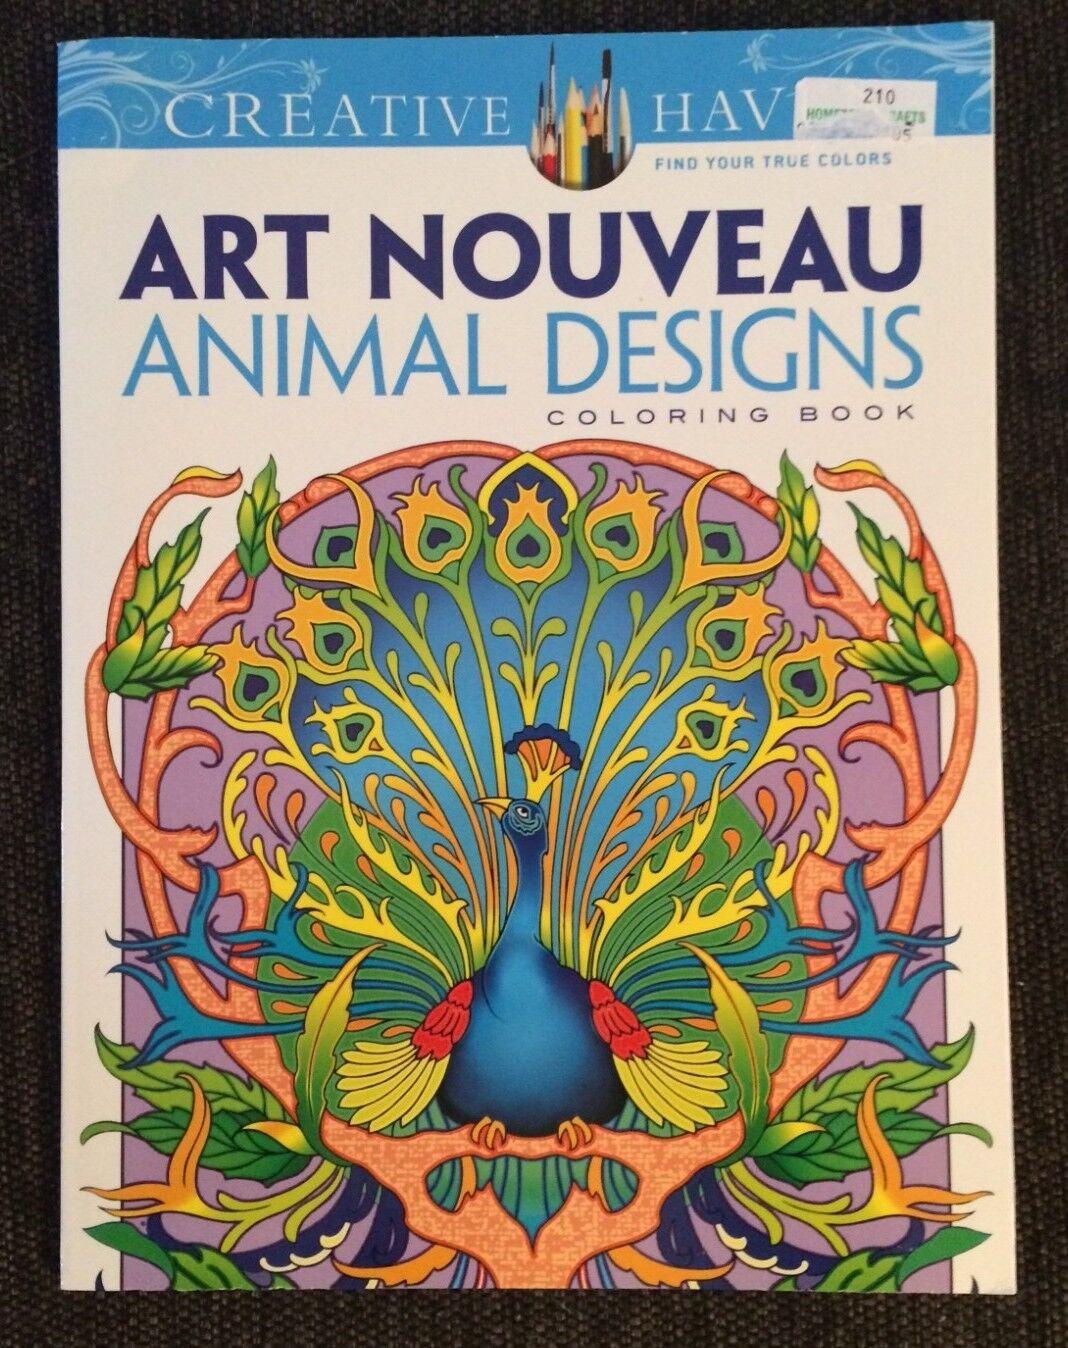 - Creative Haven Coloring Bks.: Creative Haven Art Nouveau Animal